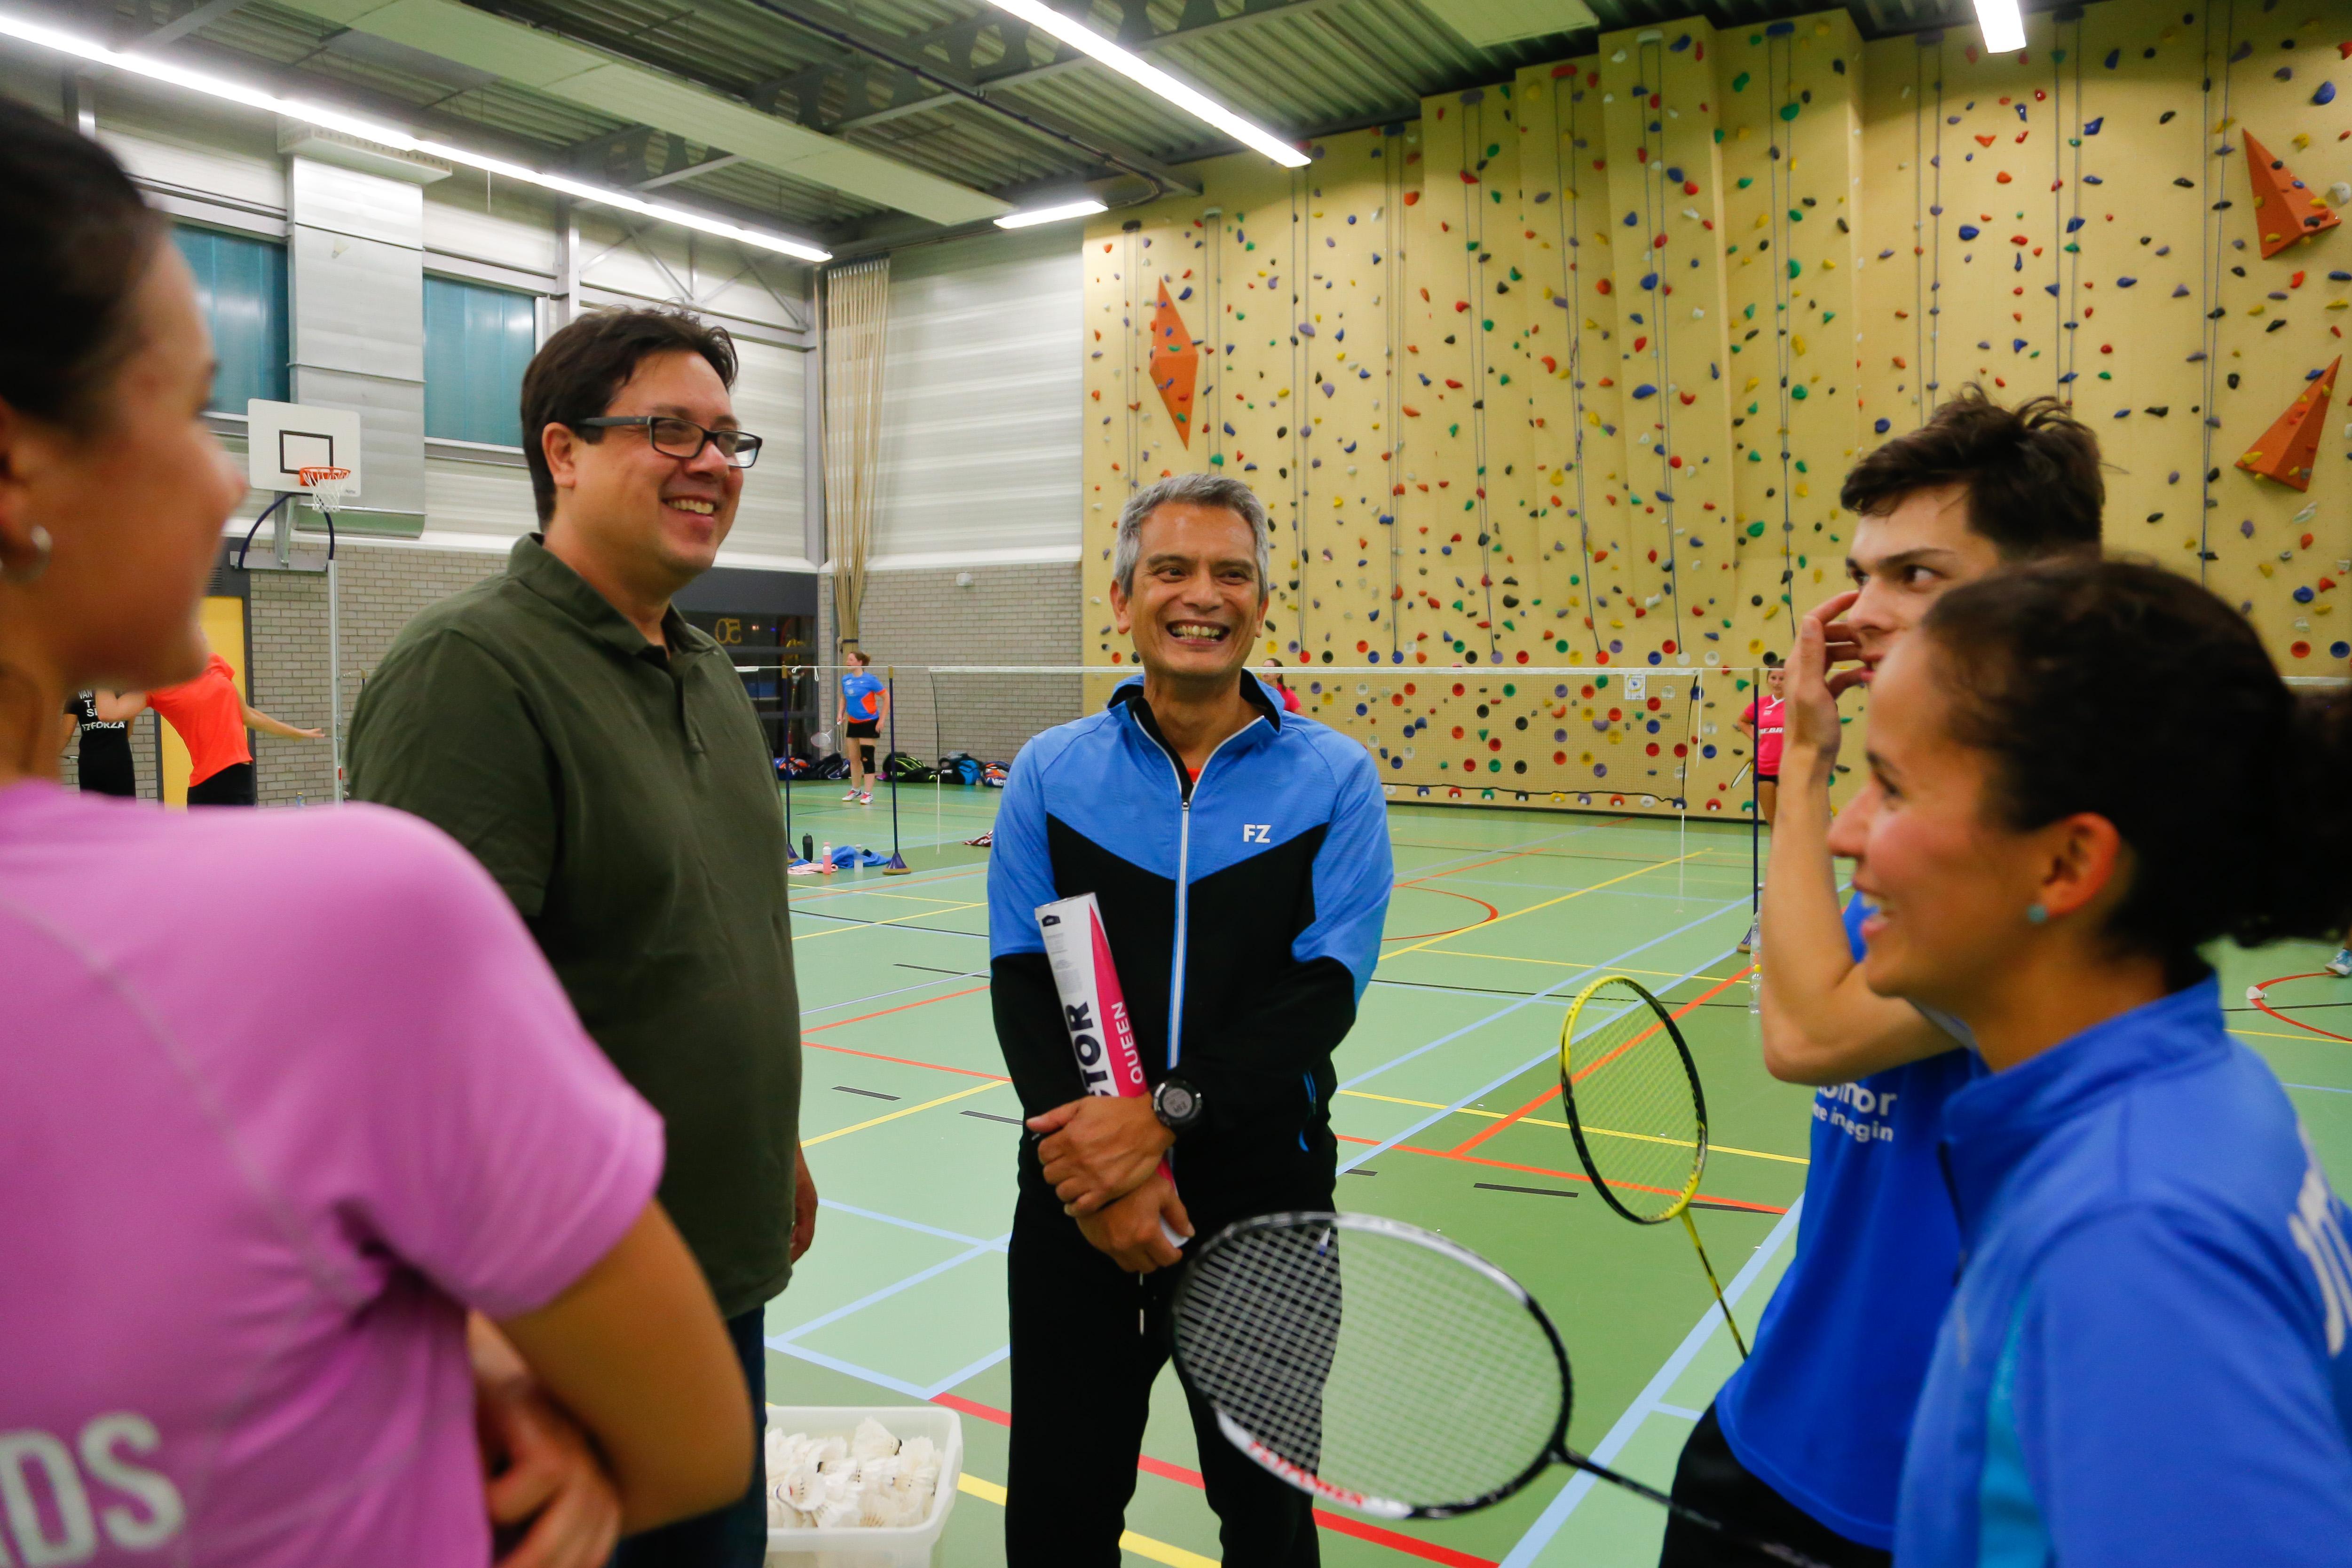 Hoornse BV gaat met nieuw trainersduo opnieuw voor plek in de kampioenspoule